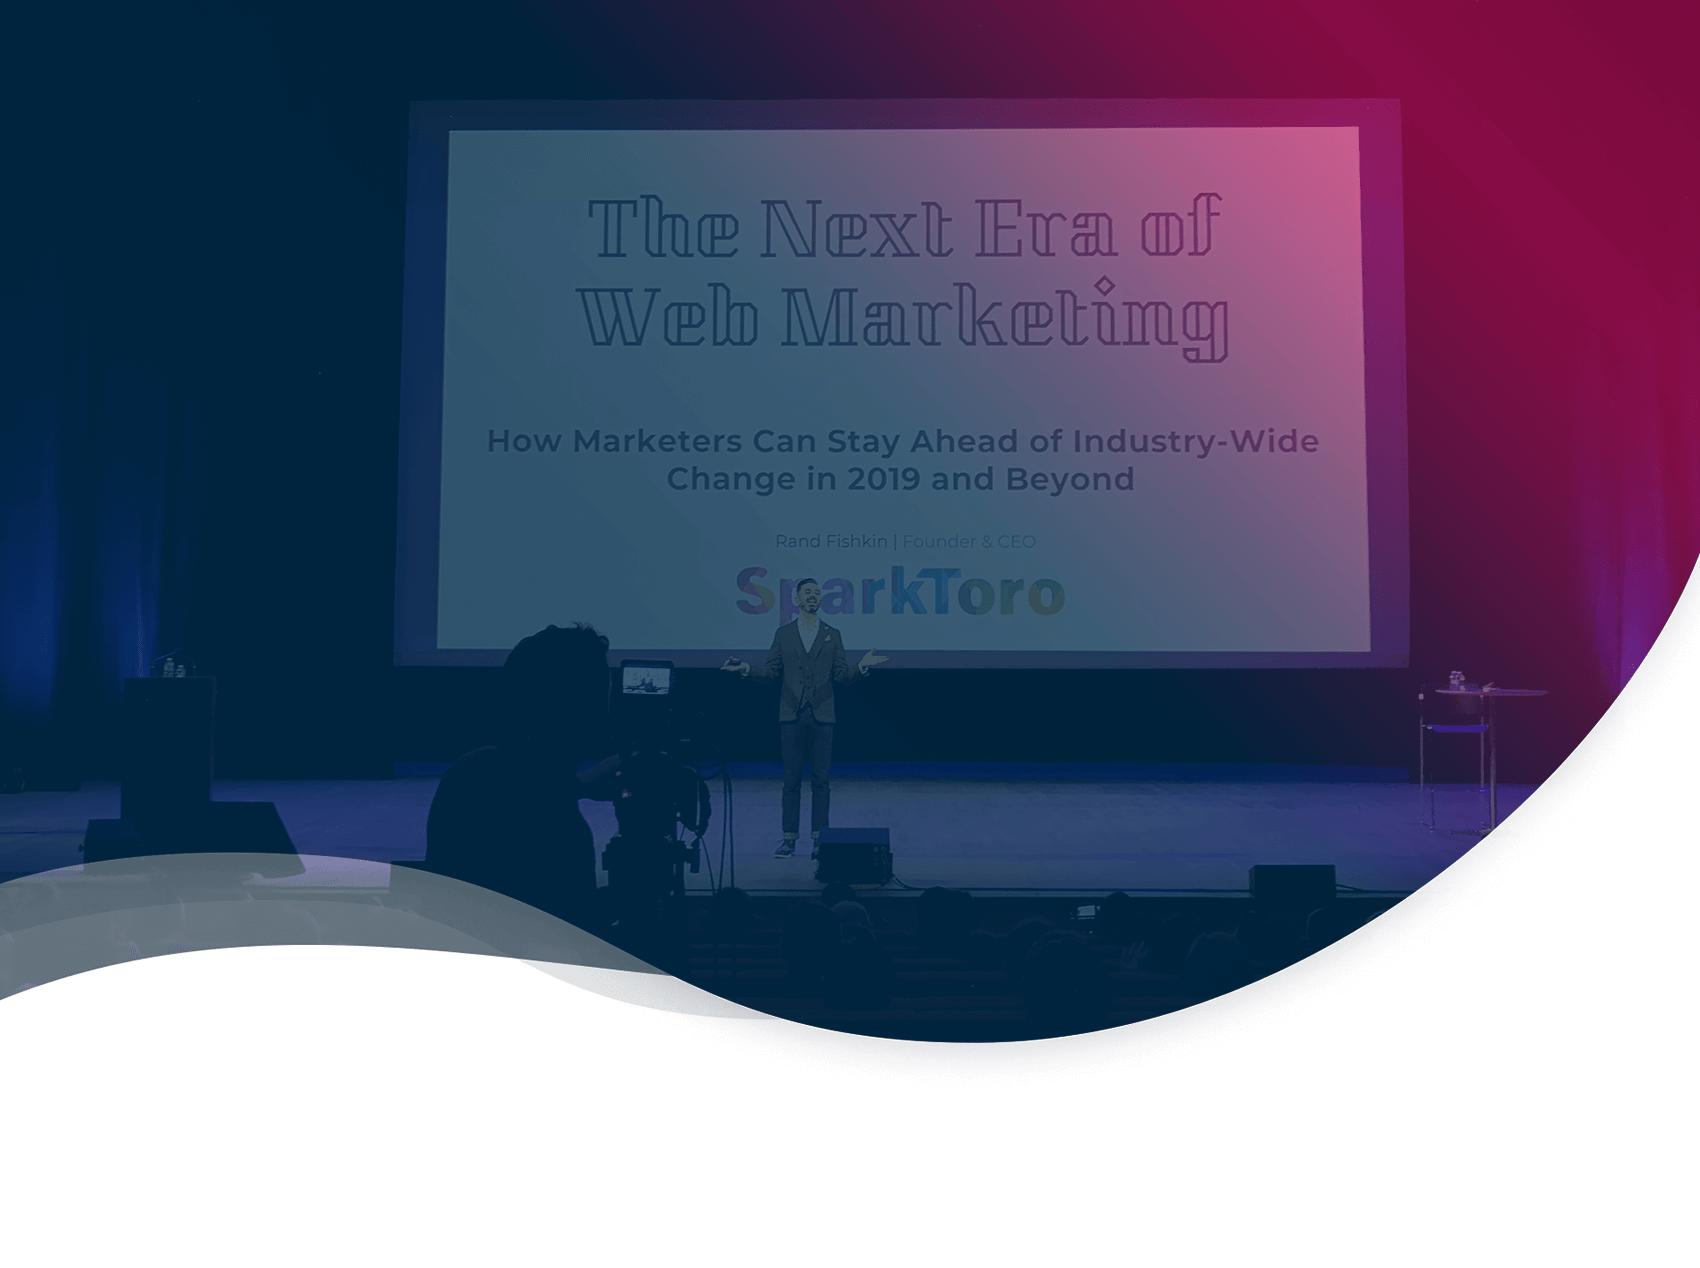 Les 10 conseils de Rand Fishkin aux PME B2B pour réussir sur le web en 2019